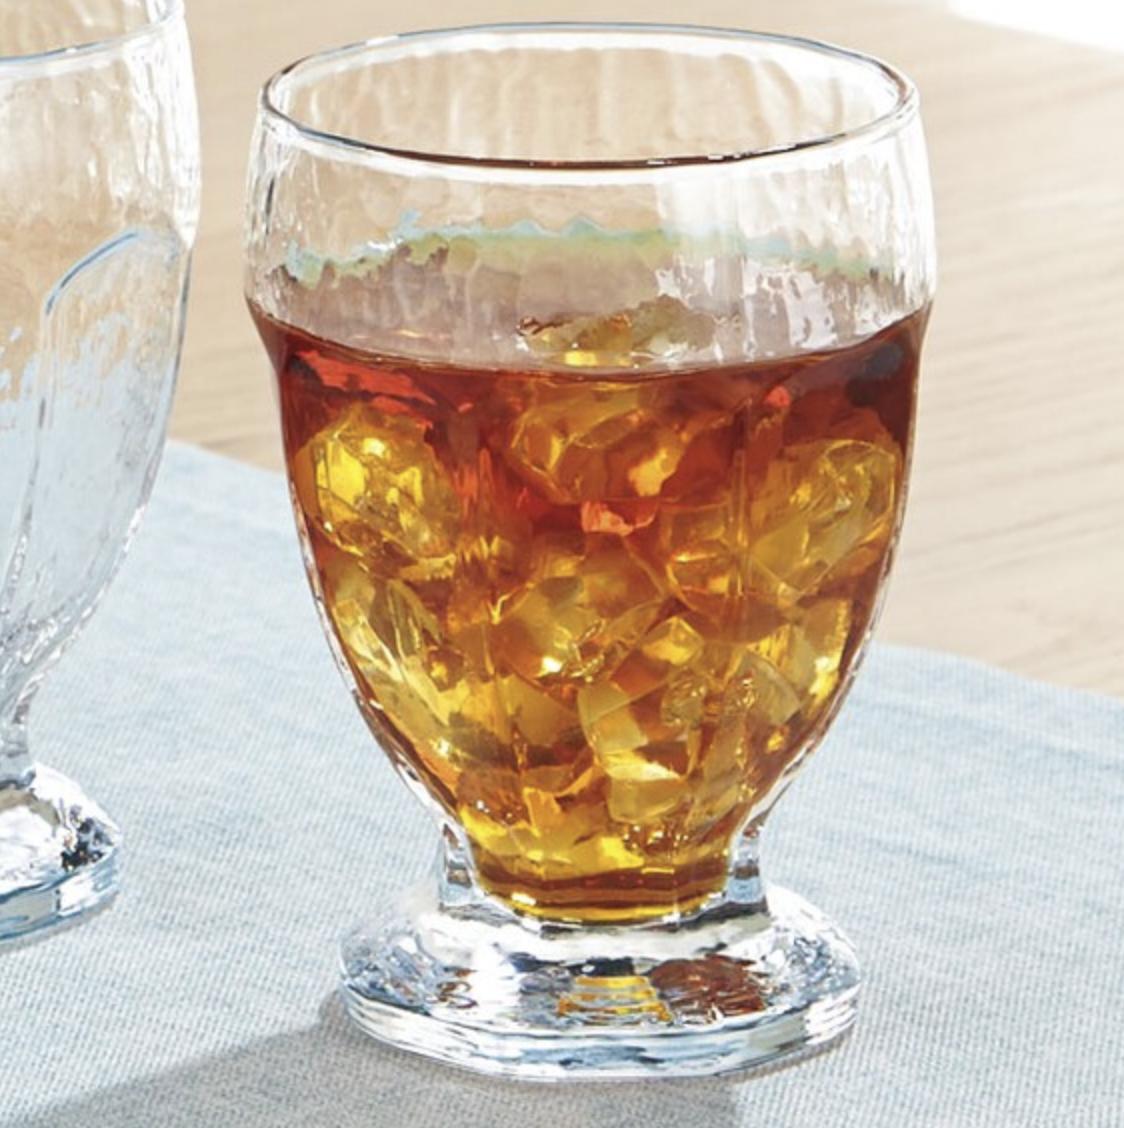 アイスコーヒーグラス(ラフト350ml)